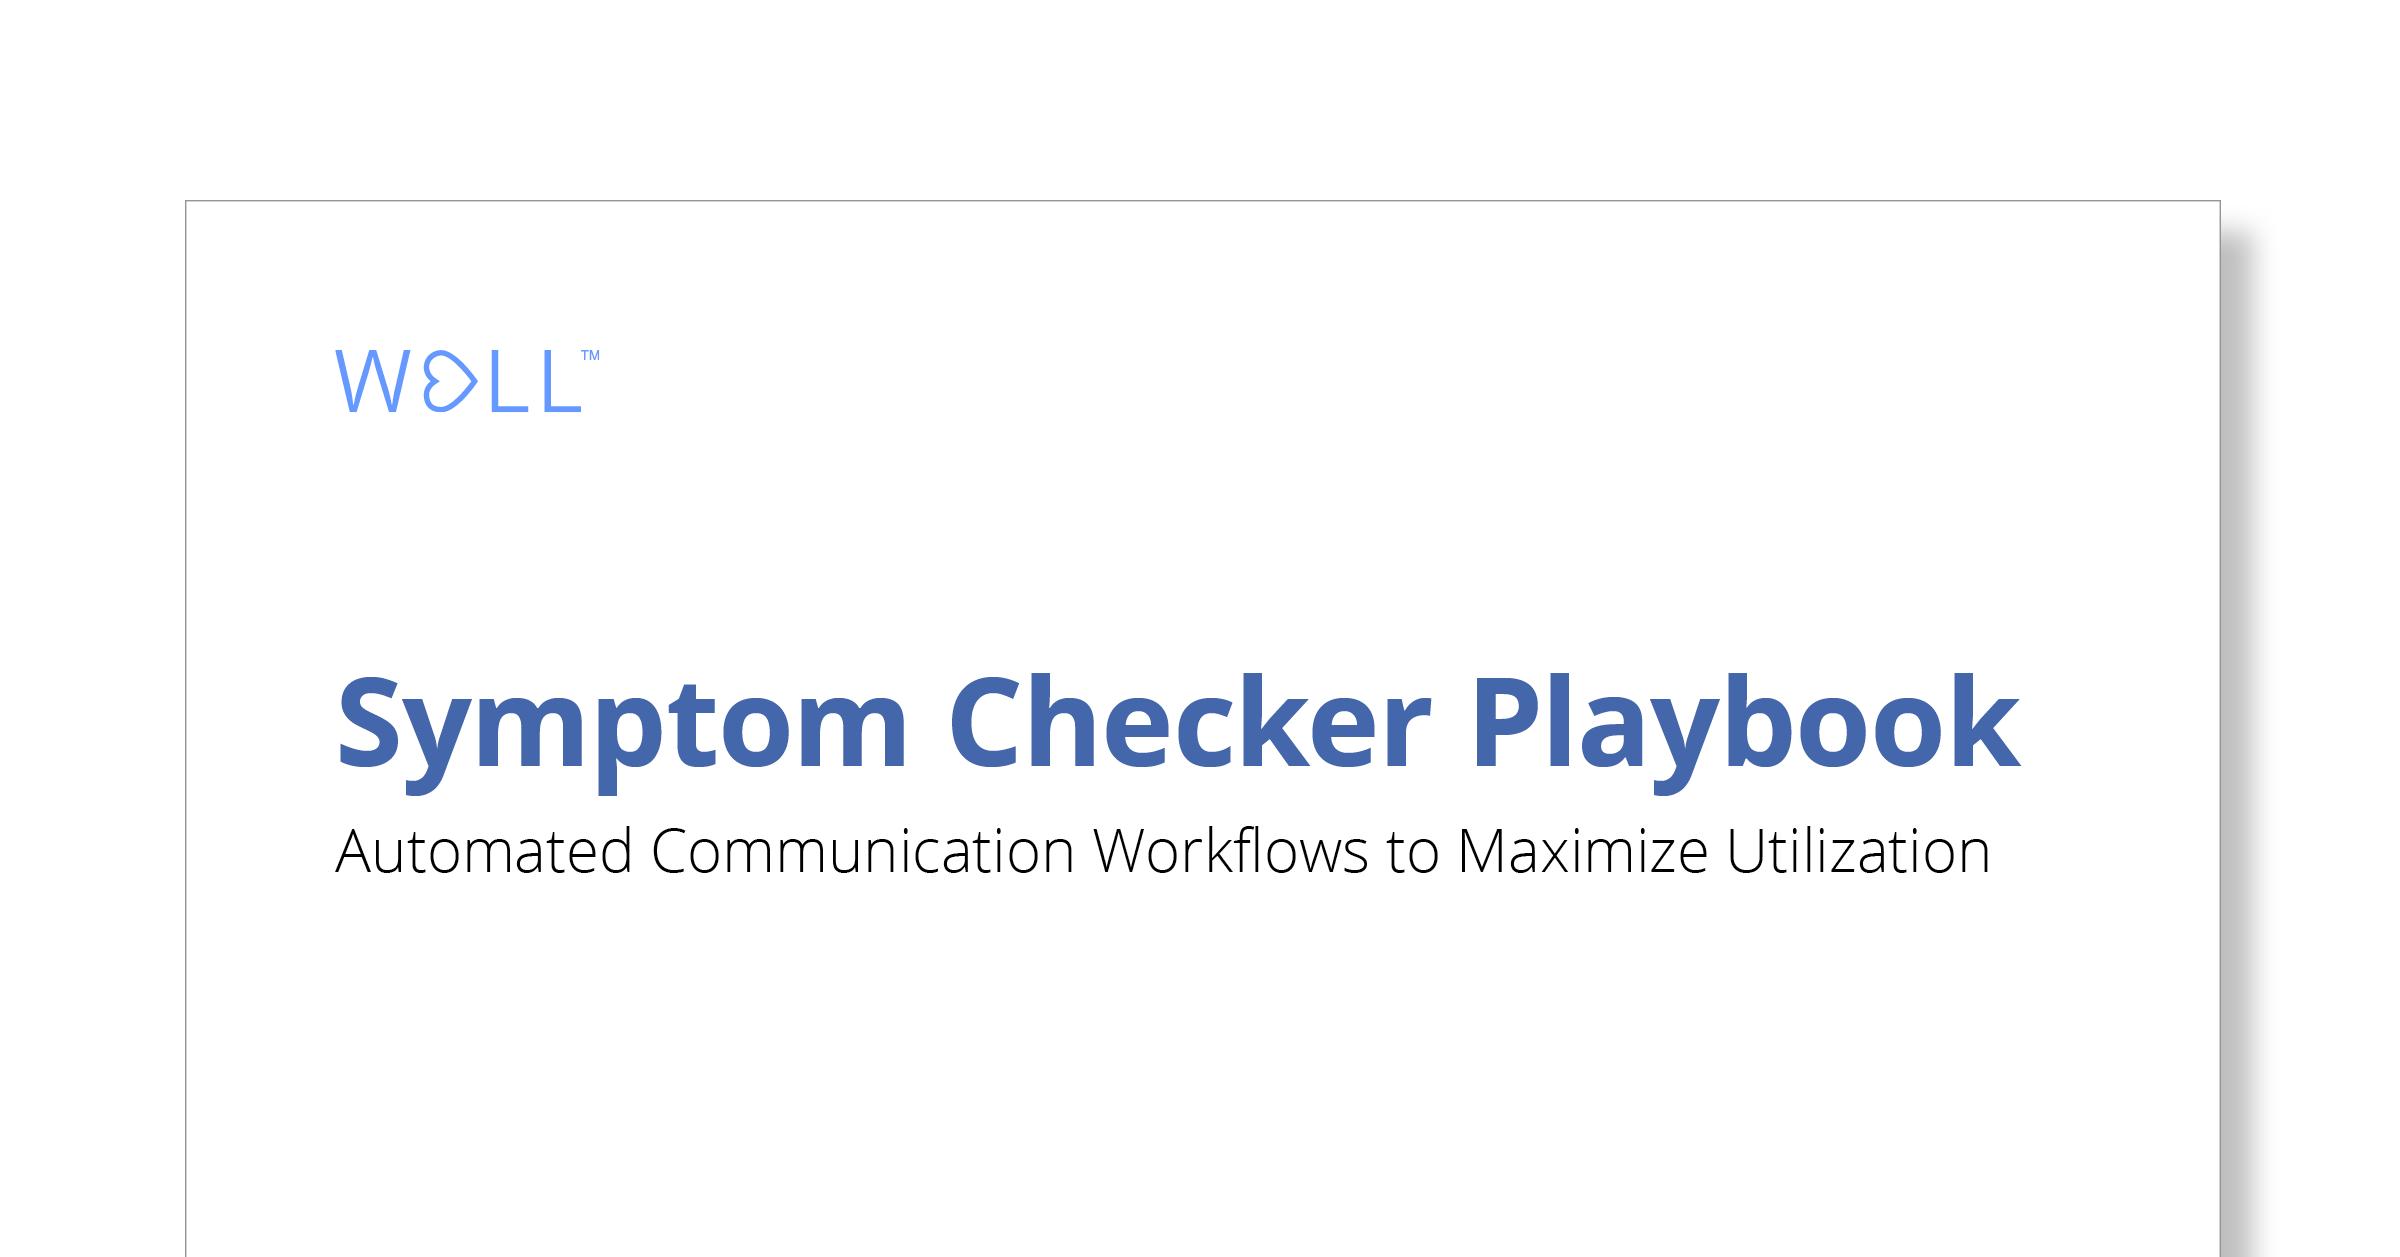 COVID-19 Symptom Checker Playbook